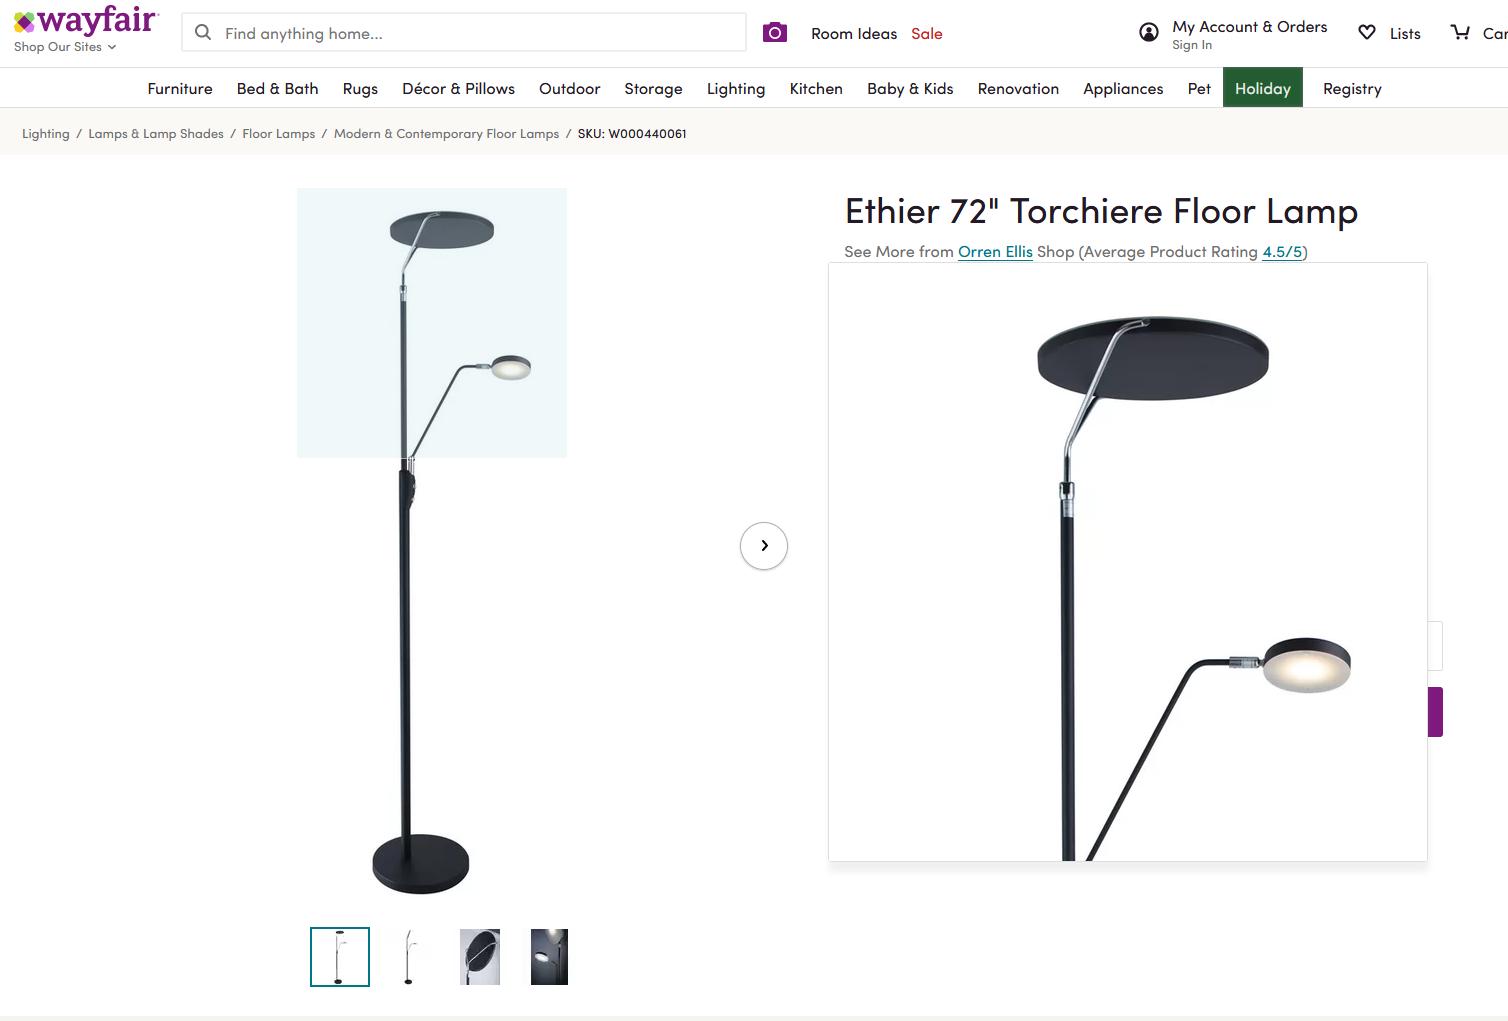 Wayfair Torchiere Floor Lamp Detail.png